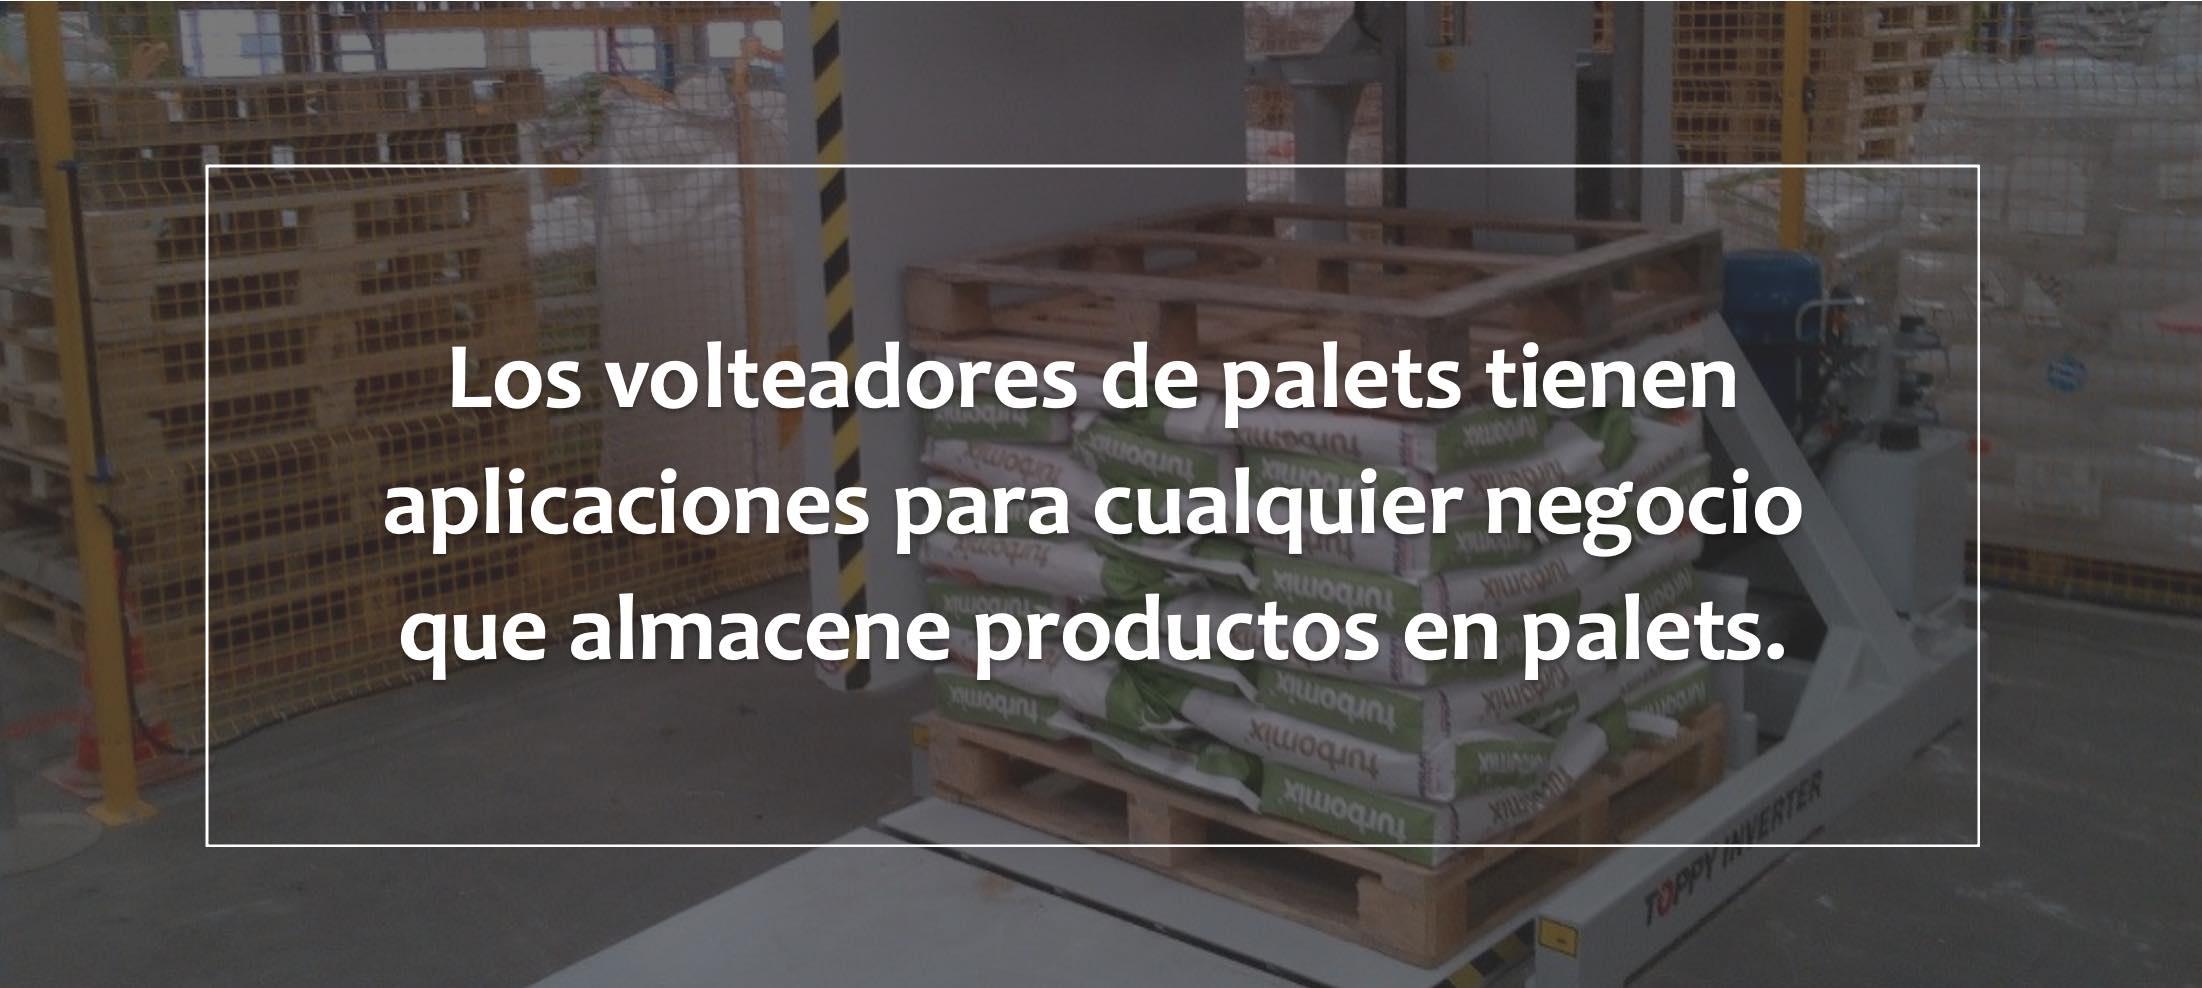 Los volteadores de palets tienen aplicaciones para cualquier negocio que almacene productos en palet